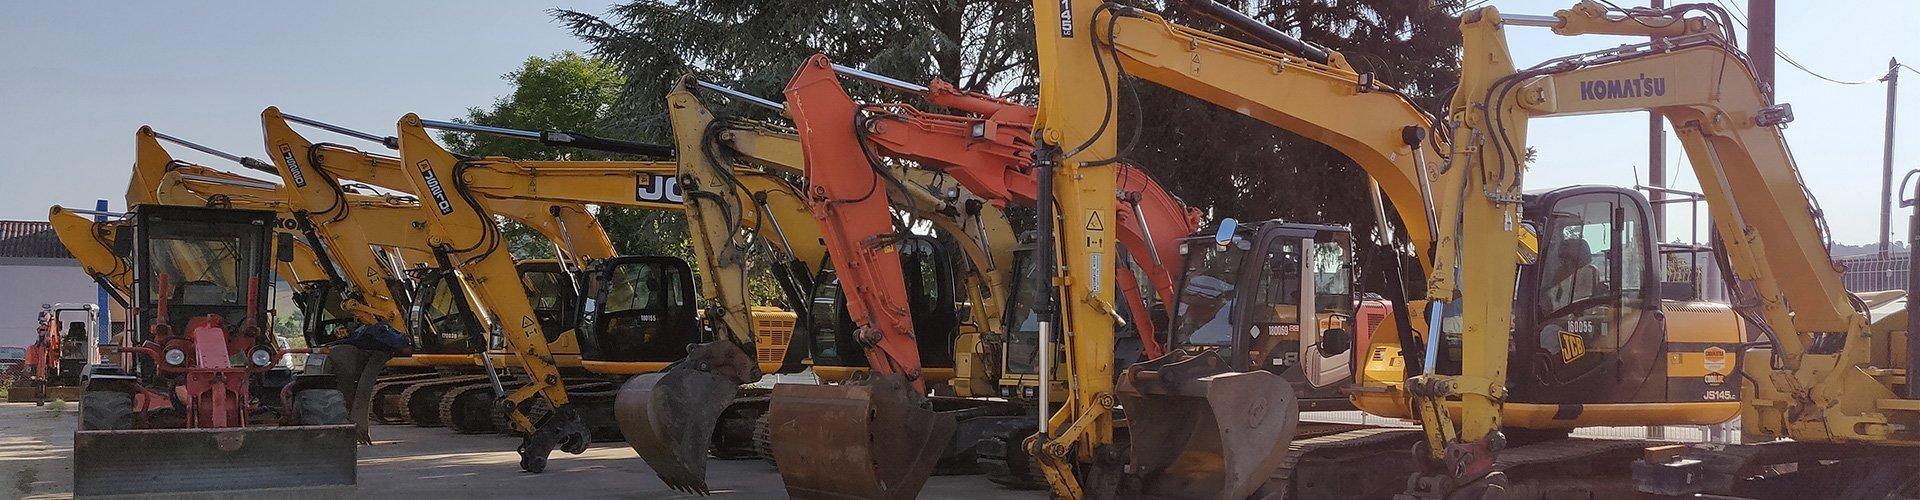 Excavators used on sale